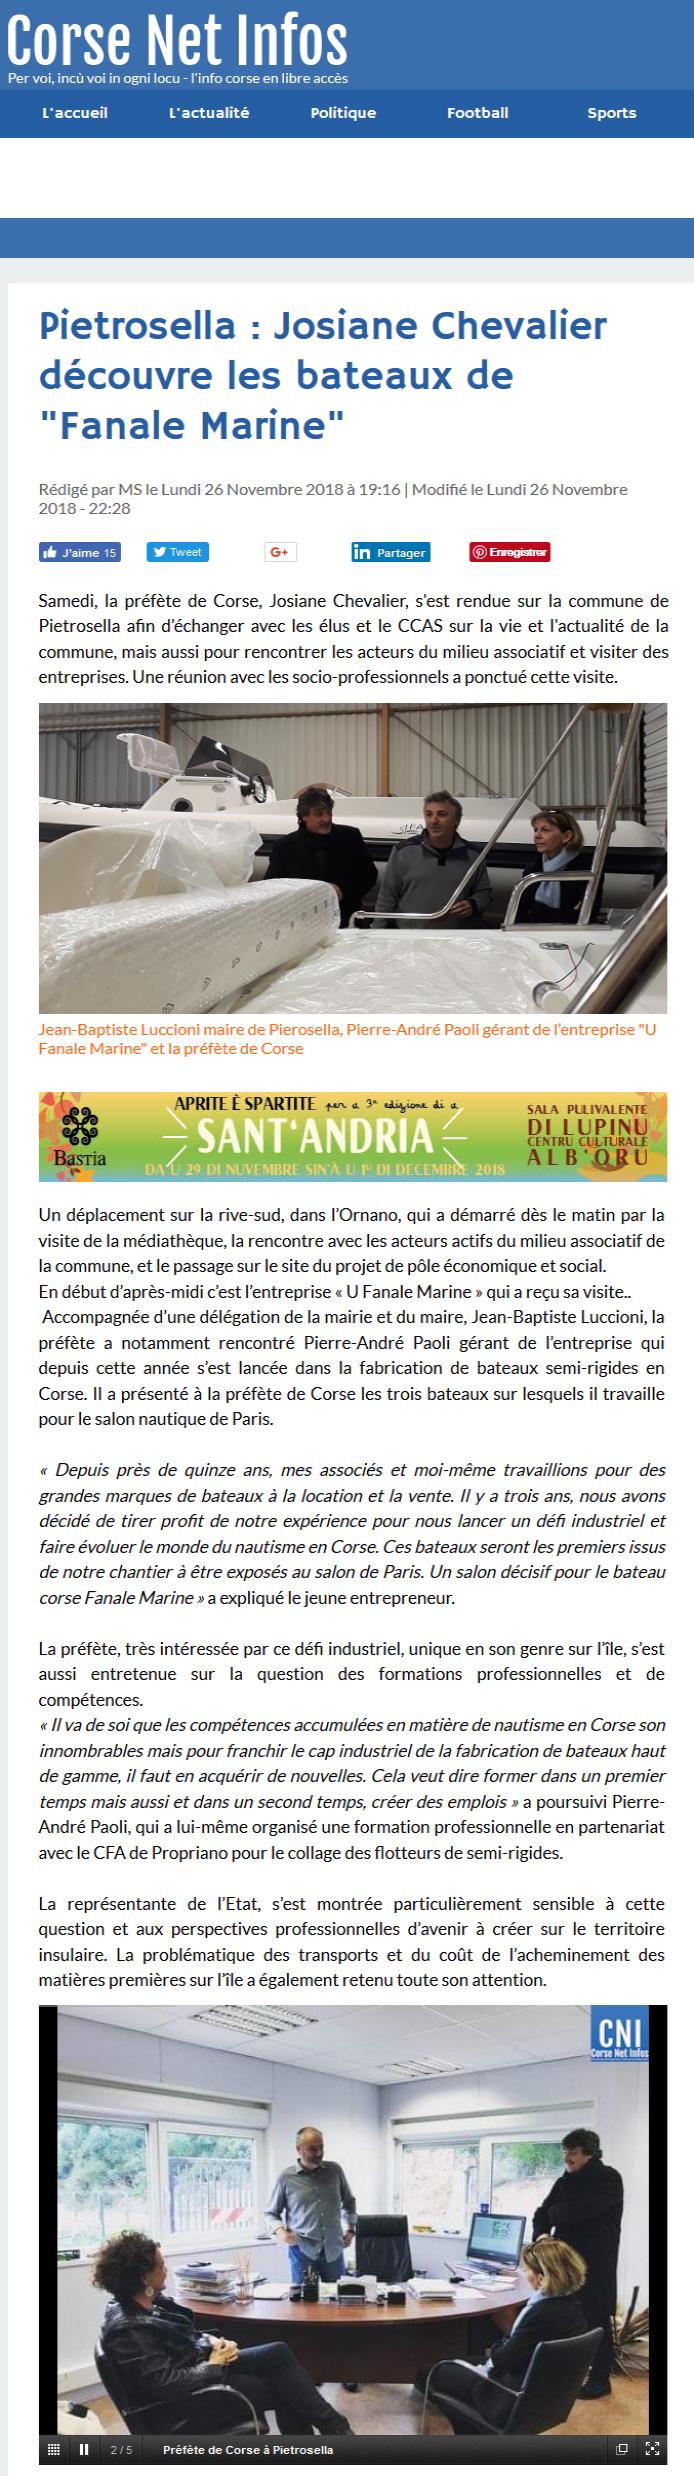 """Corse Net Infos revient sur la visite de la commune et de """"U Fanale Marine"""" par Mme la Préfète, Josiane Chevalier."""